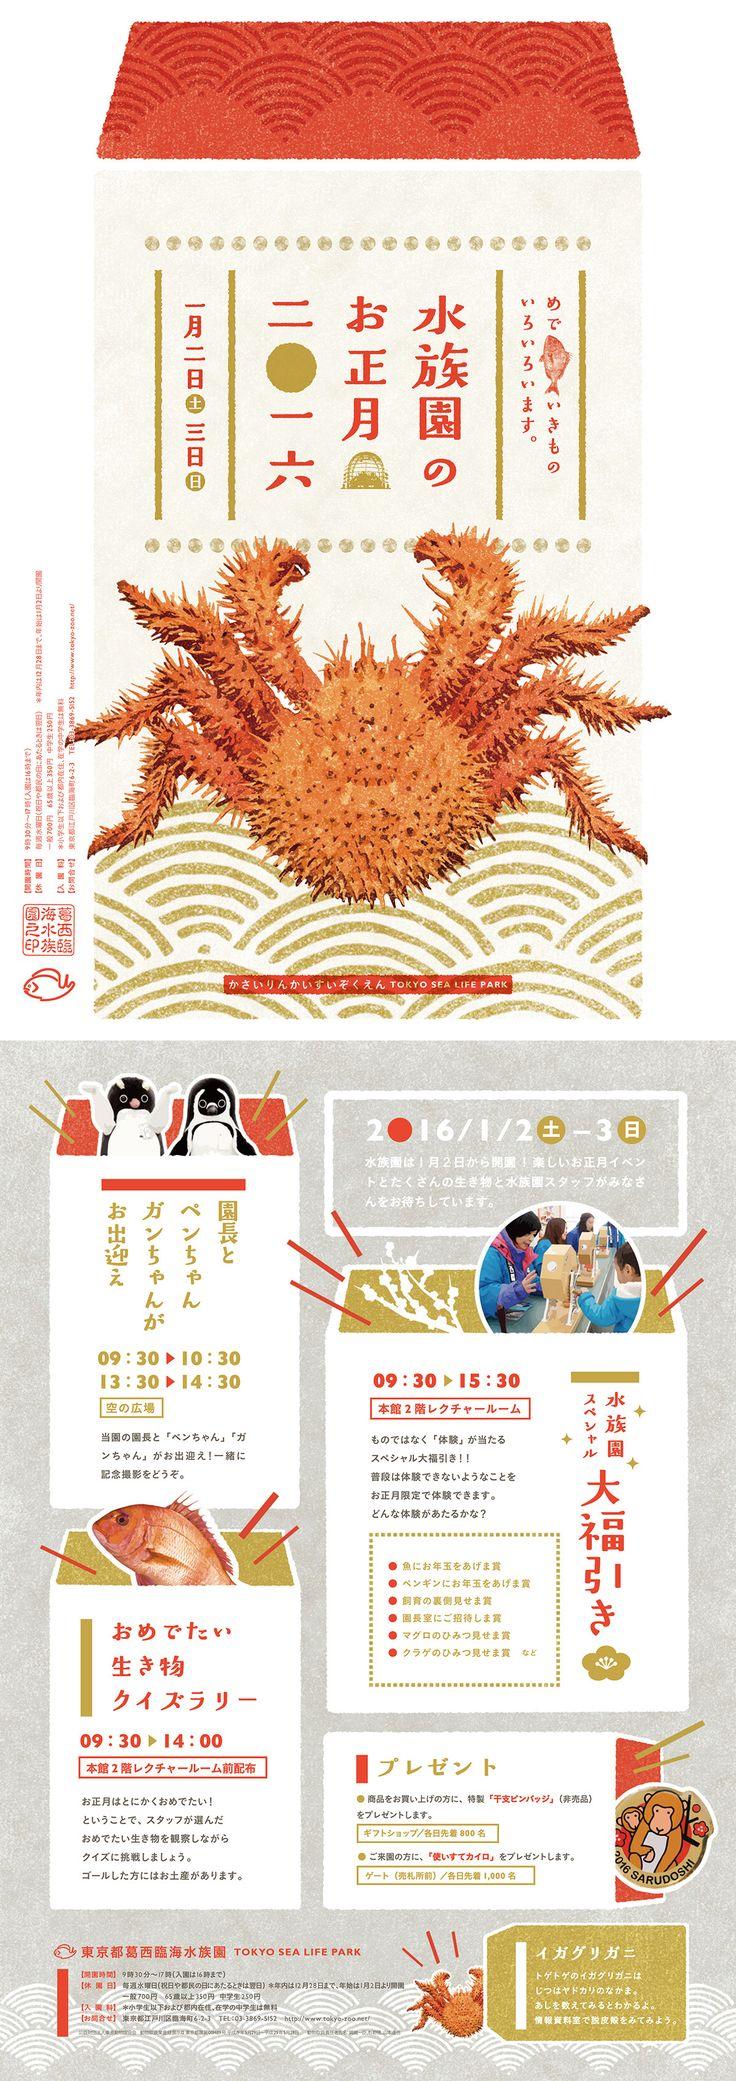 葛西臨海水族園の新年イベント「水族館のお正月 2016」- 和風なデザインで遊び心もある感じでステキ♡ぽち袋のイメージかなぁ design, graphic, japanese, red, gold